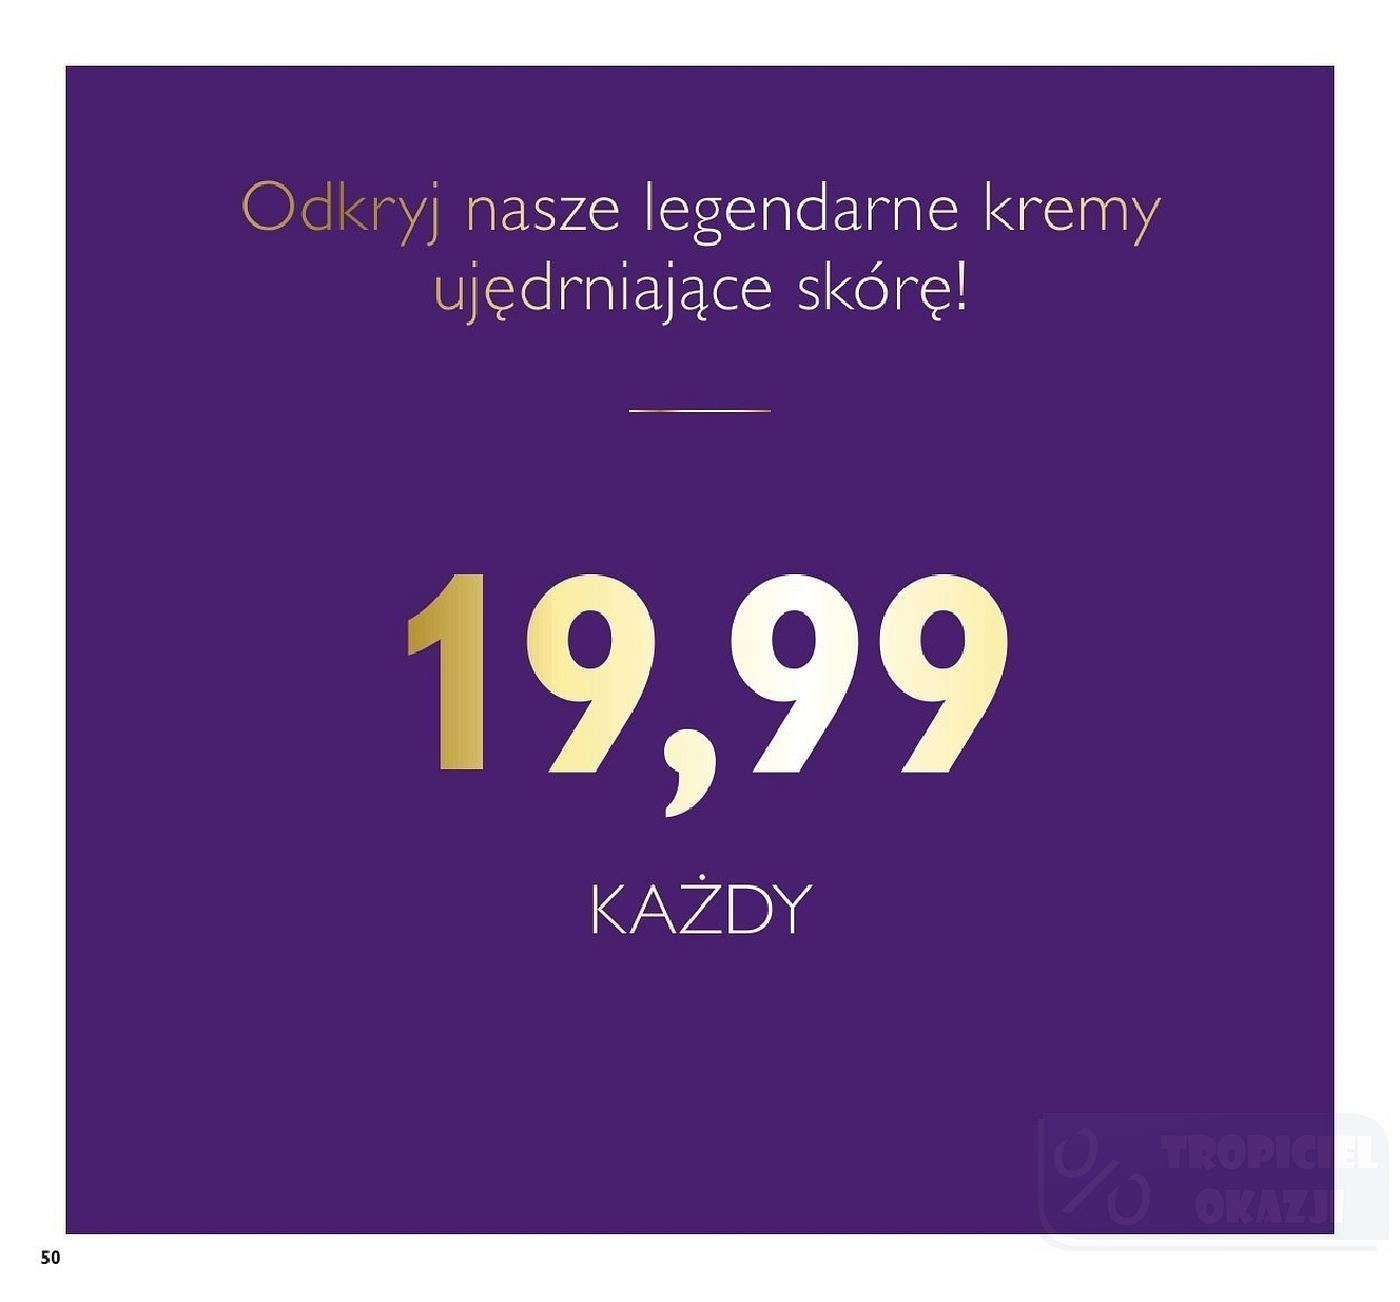 Gazetka promocyjna Oriflame do 05/11/2018 str.49